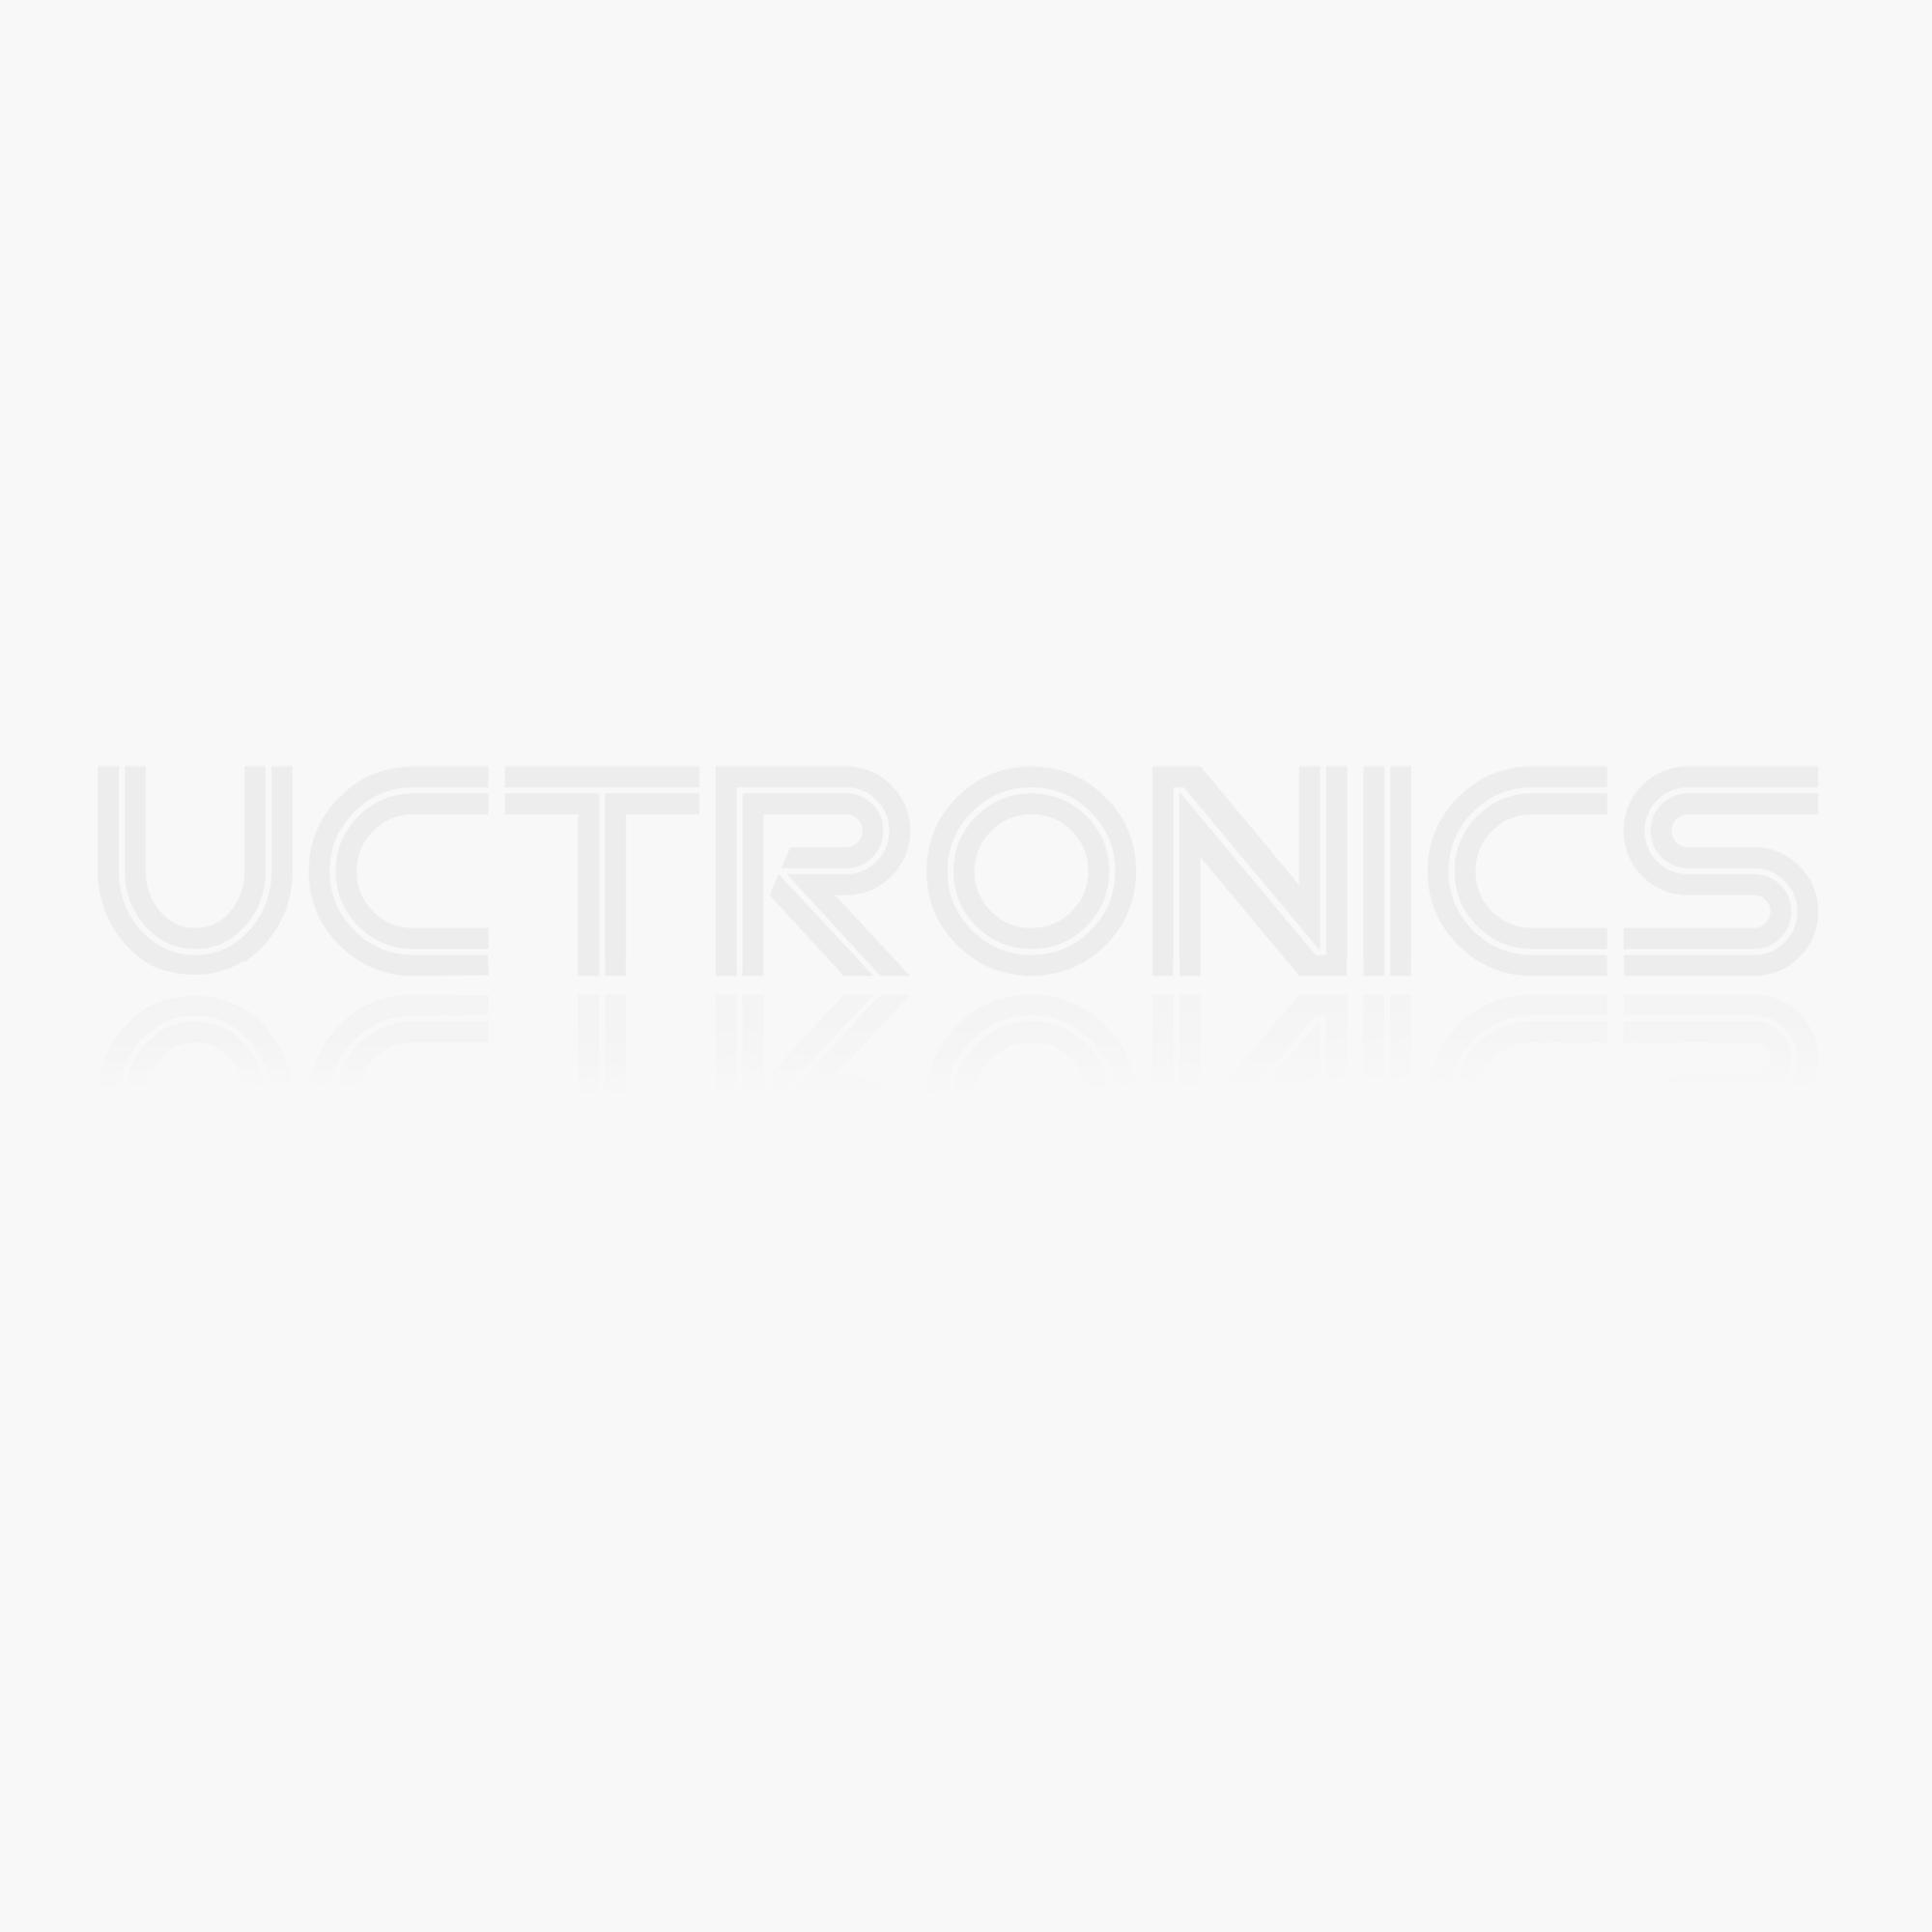 5V 1000mA 18650 Battery Holder Case Box USB Power Supply DIY